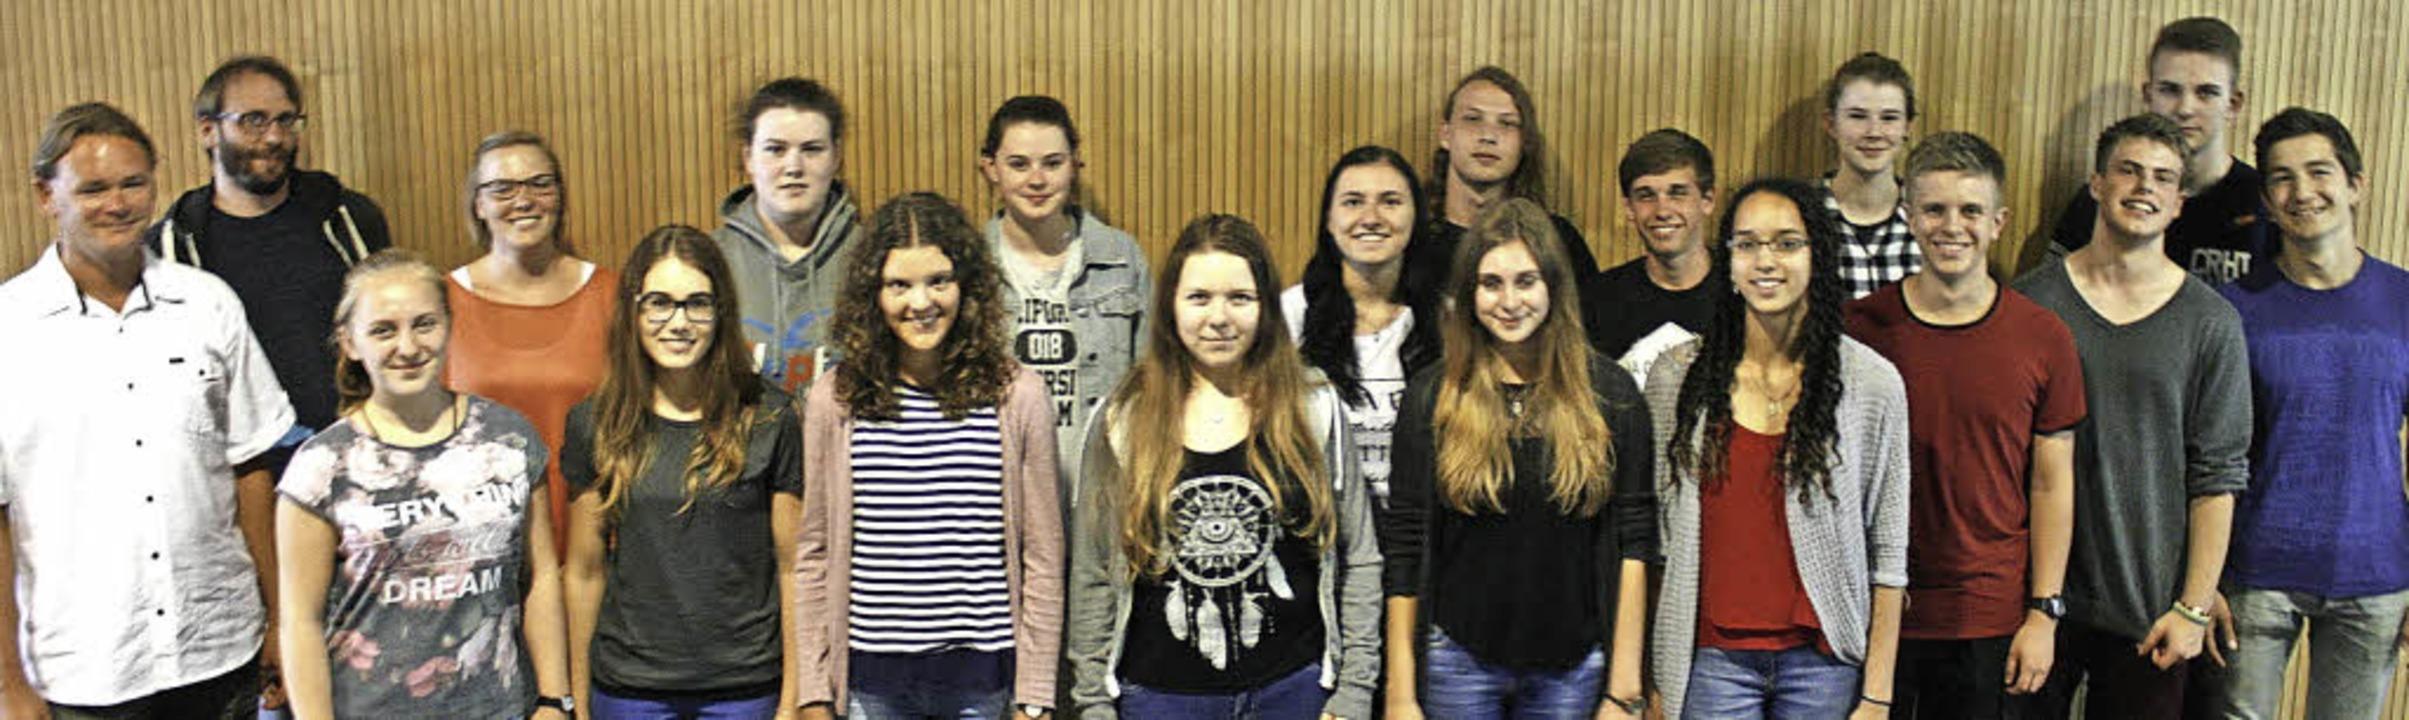 Schüler des Neuenburger Gymnasiums informieren sich über die EU.     Foto: jonas hirt